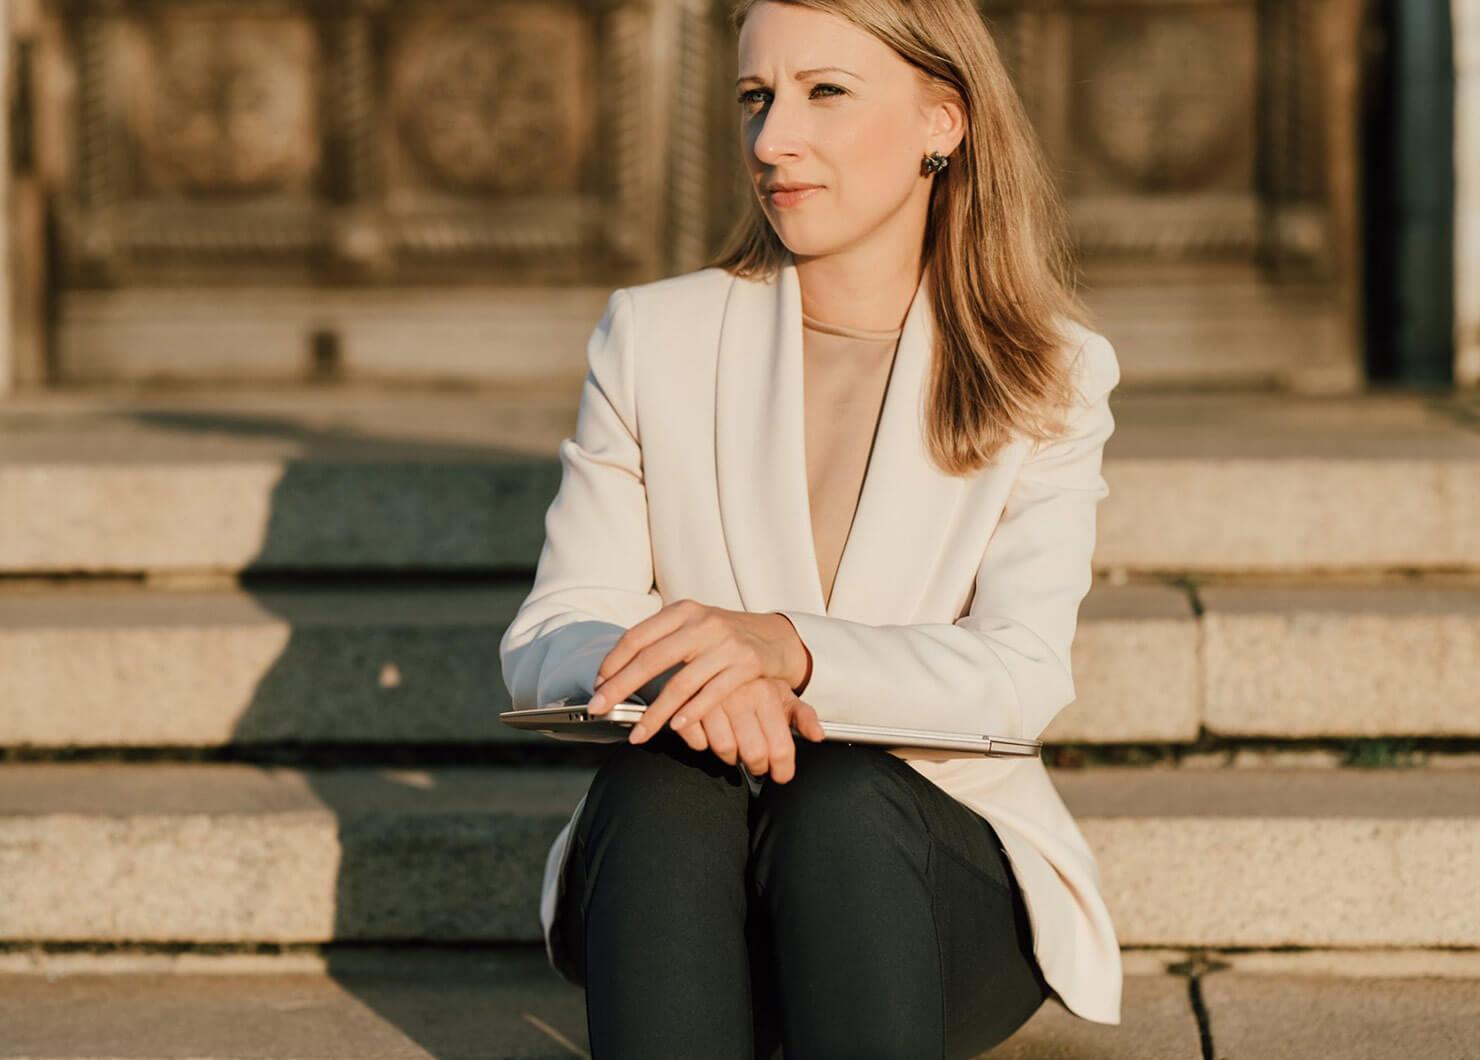 Лили Георгиева: Ключово е да поставим себе си и познанието за онова, което е в нас, на първо място